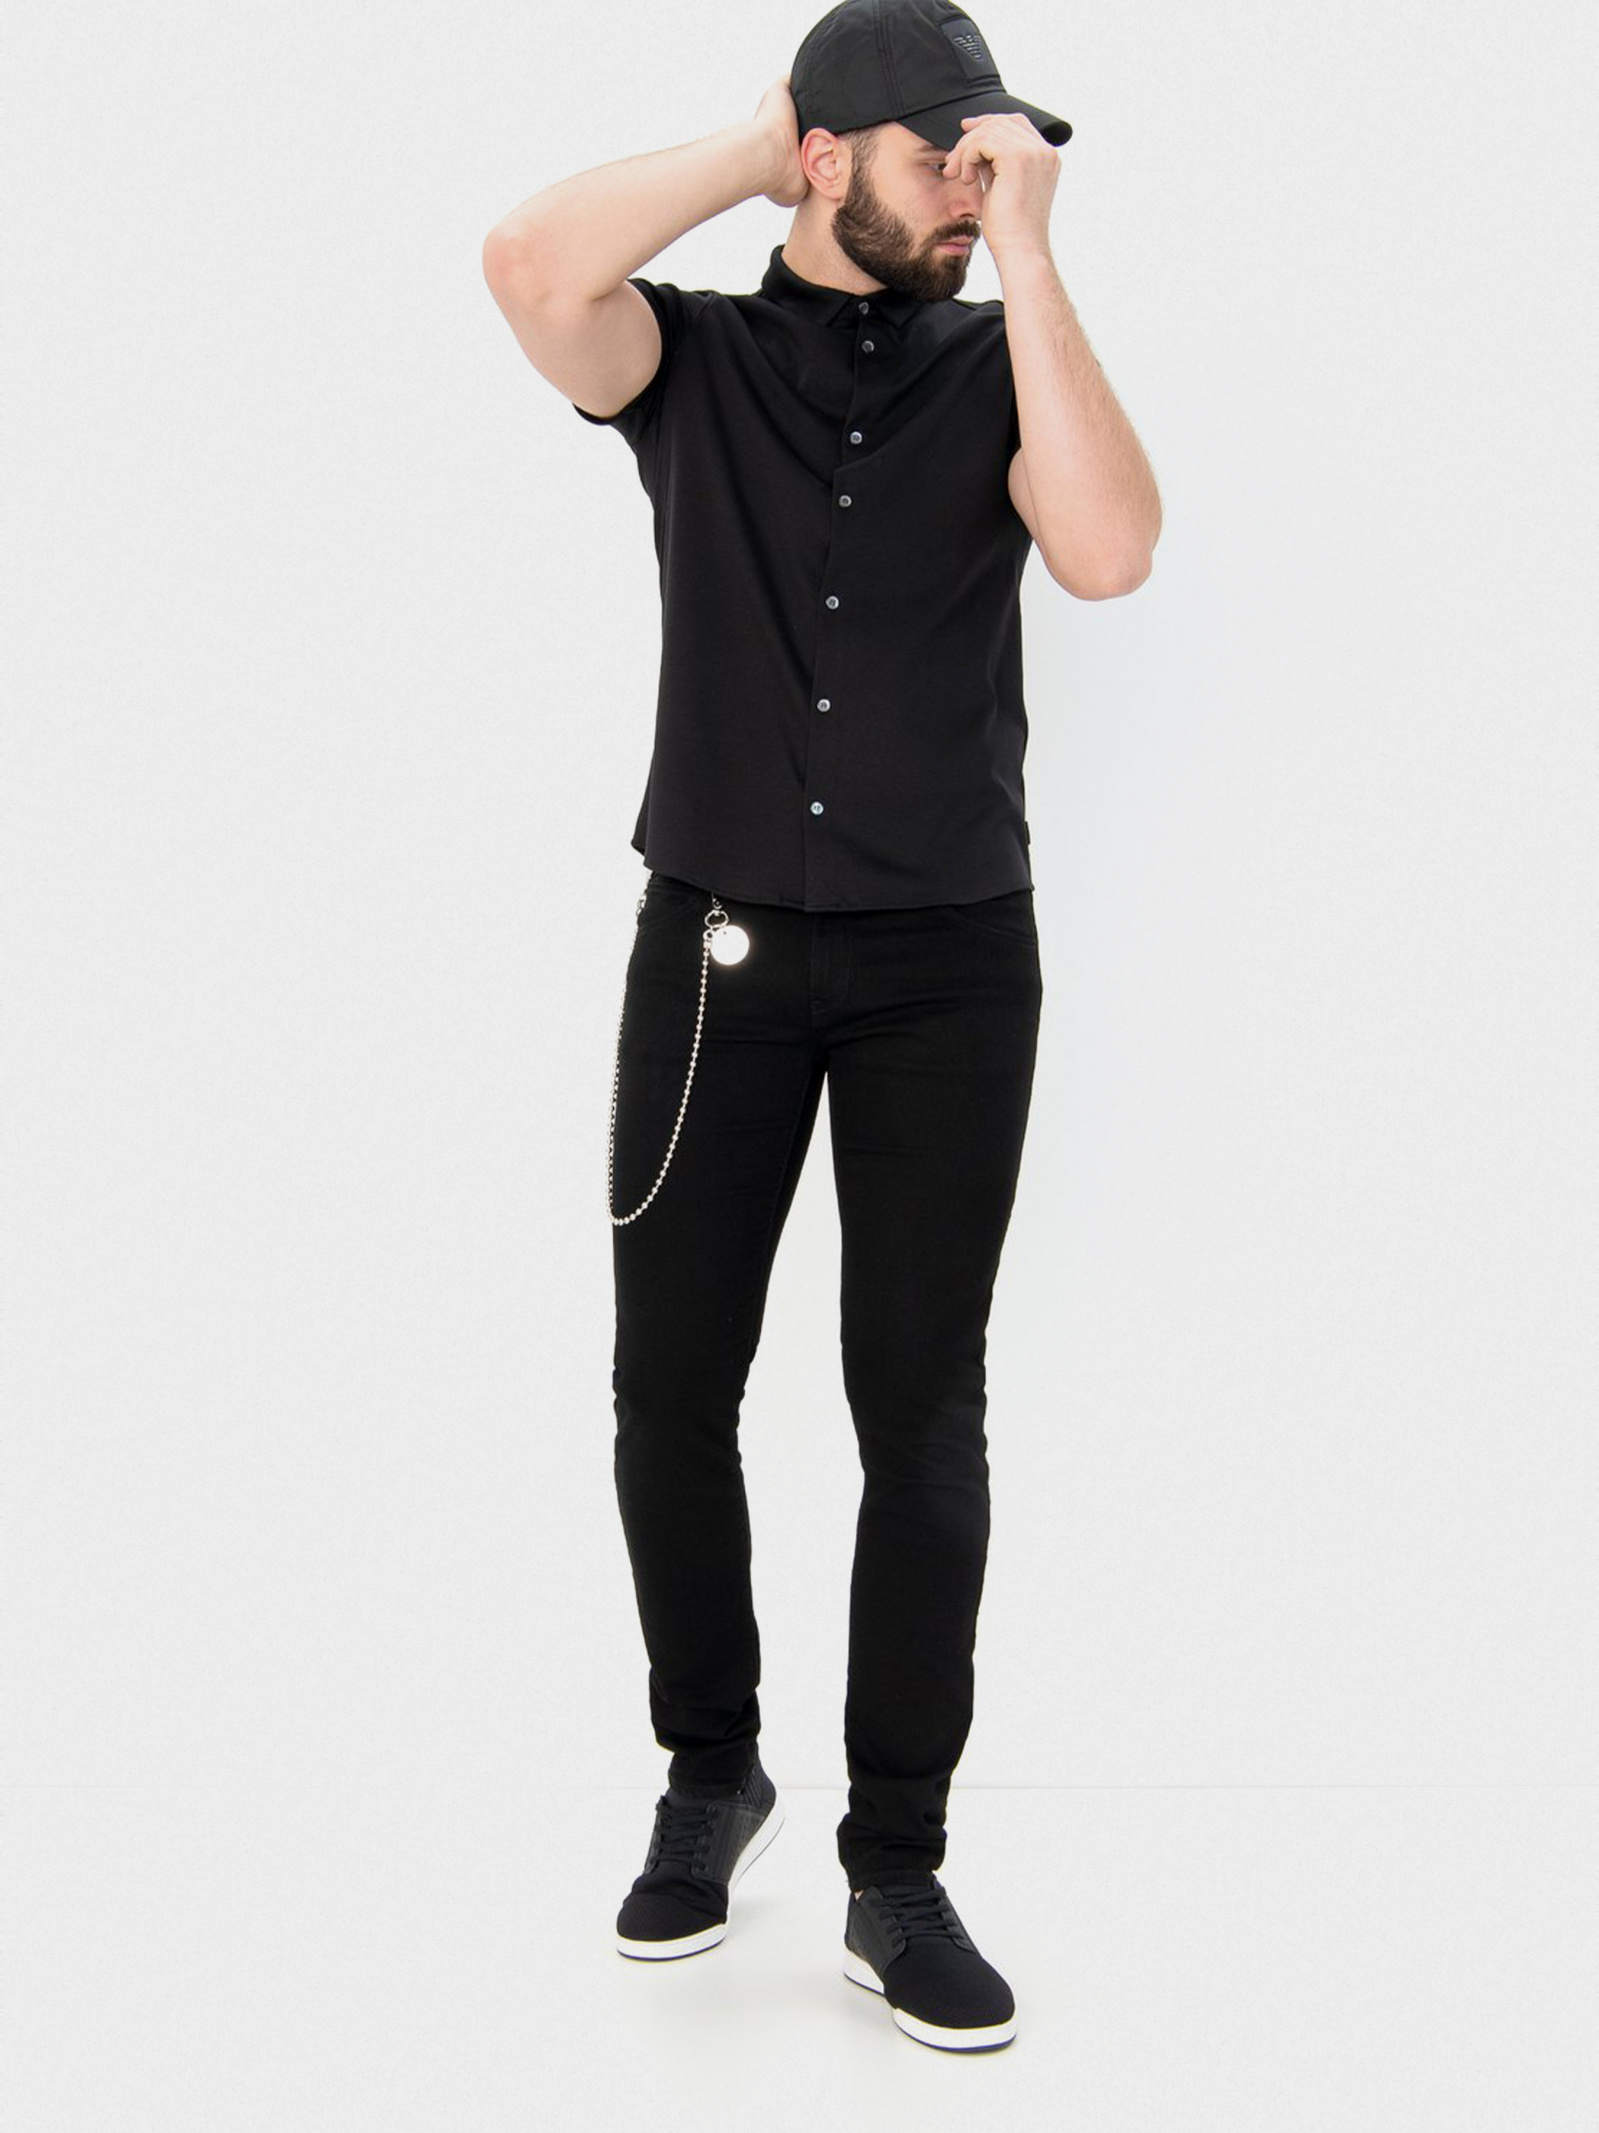 Рубашка мужские Emporio Armani модель 8N1CH5-1JPRZ-0999 купить, 2017